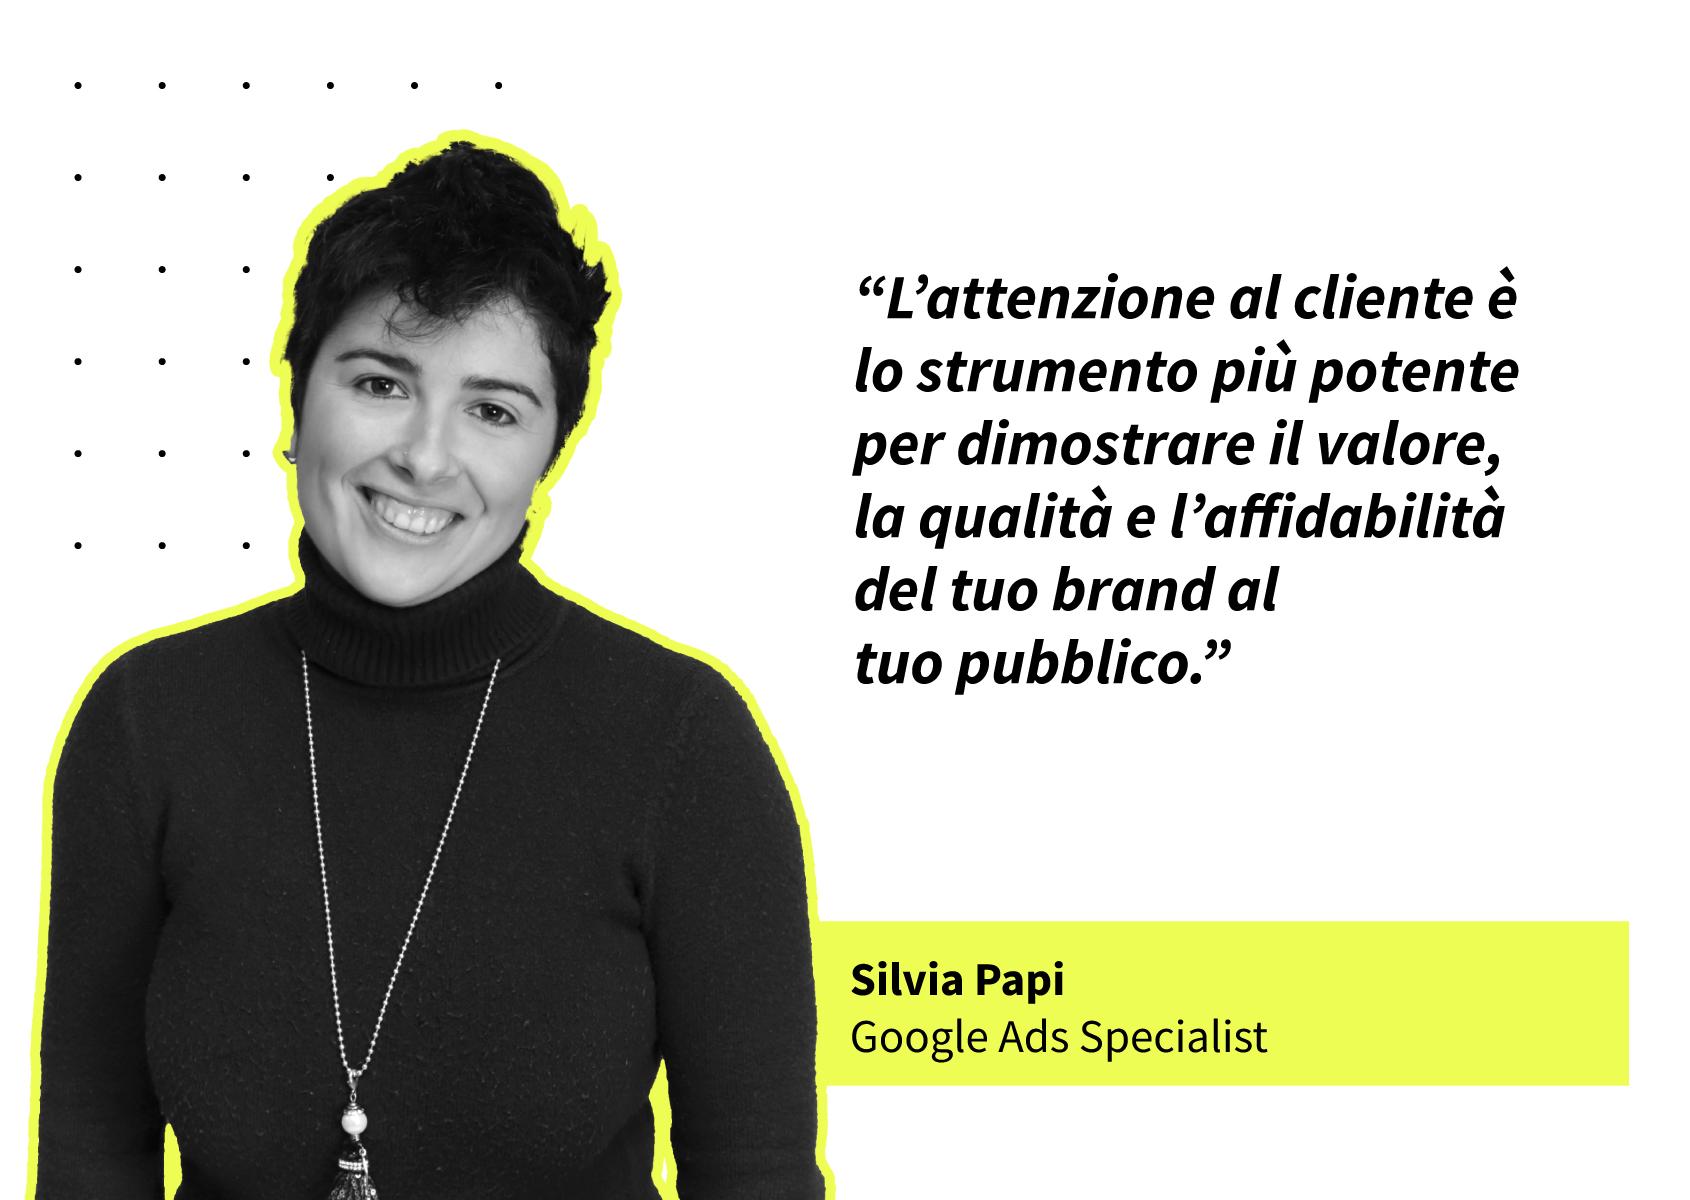 Digital-adv-stato-attuale-citazione-Silvia